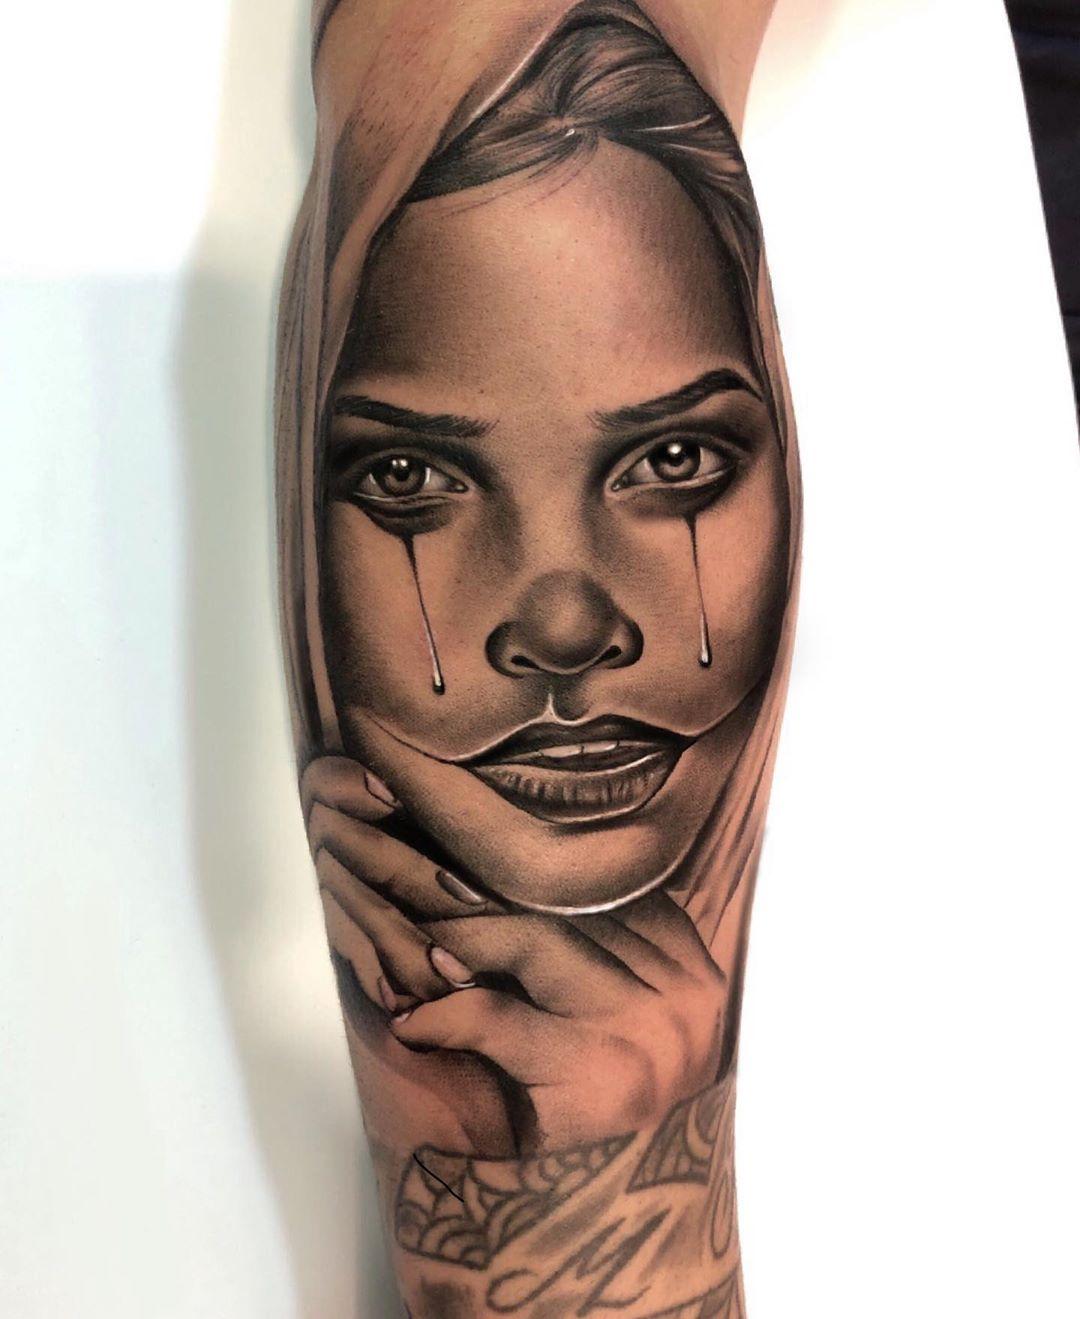 almagro,puertollano,tatuajesenpuertollano,tatuajesendaimiel,ciudadrealtattoo,ciudadrealtatuajes,tatuajesciudadreal,follow,ciudadrealtatuajes,puertollano,tattooers,besttattooers,juantabasco,ciudadrealsetatua,ink,tatuajes,realismo,realistictattoo,ciudadrealtattoo,tatuajesenpuertollano,traditionaltattoos,castillalamancha,ink,tattooart,zurichtattoo,daimiel,inkedgirls,inkig,ink,inktattoosb